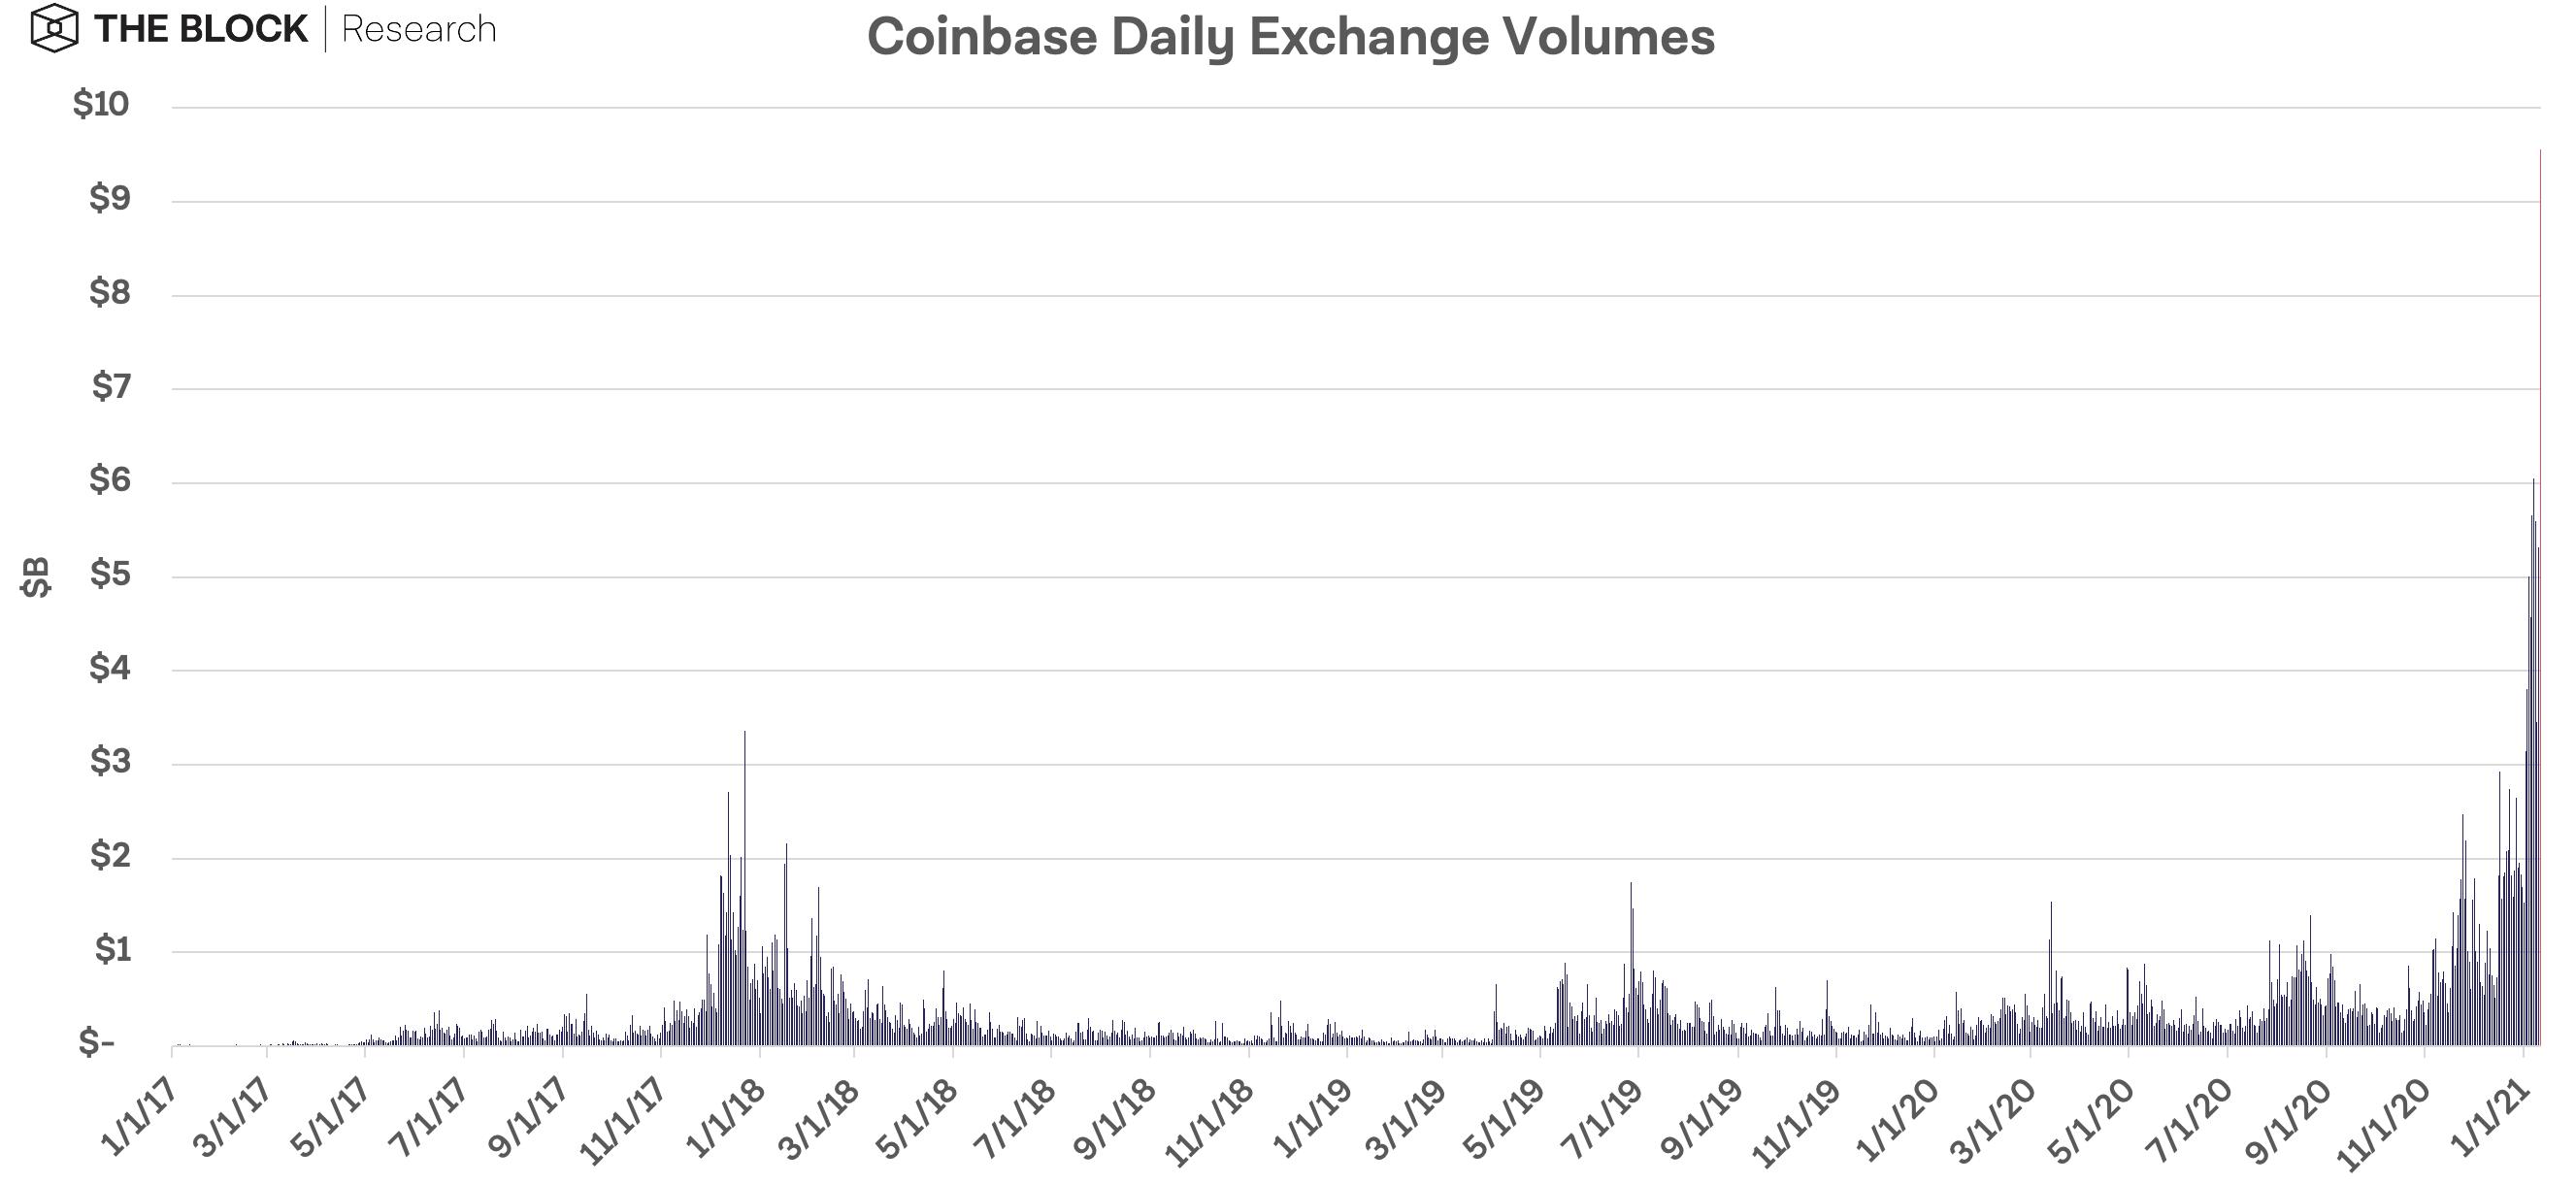 khối lượng giao dịch coinbase